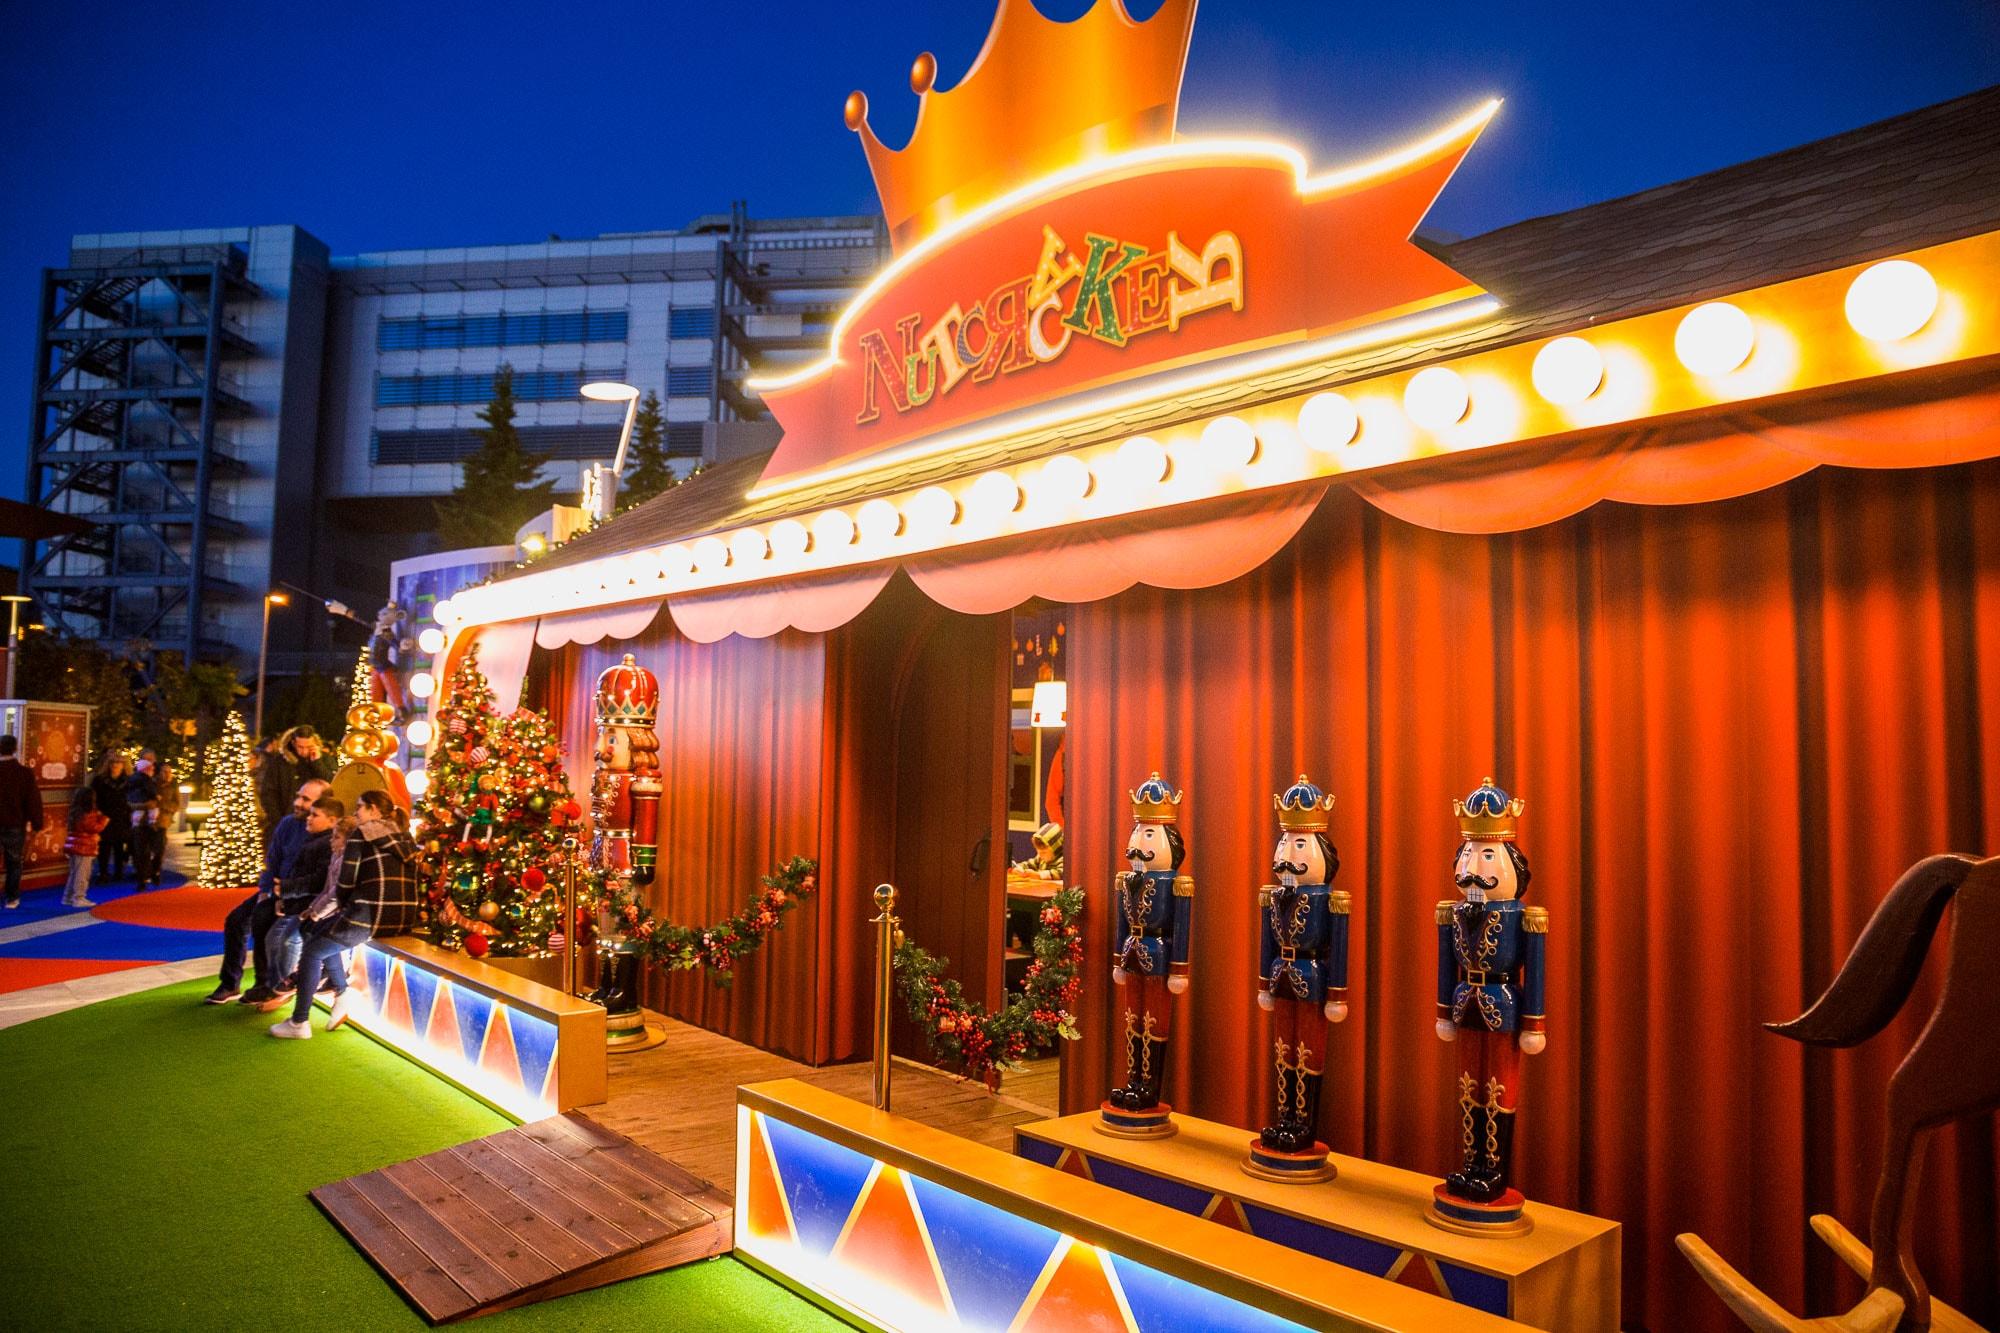 Ο Κόσμος των Δώρων ζωντανεύει από το Public στο θεματικό πάρκο του Golden Hall!